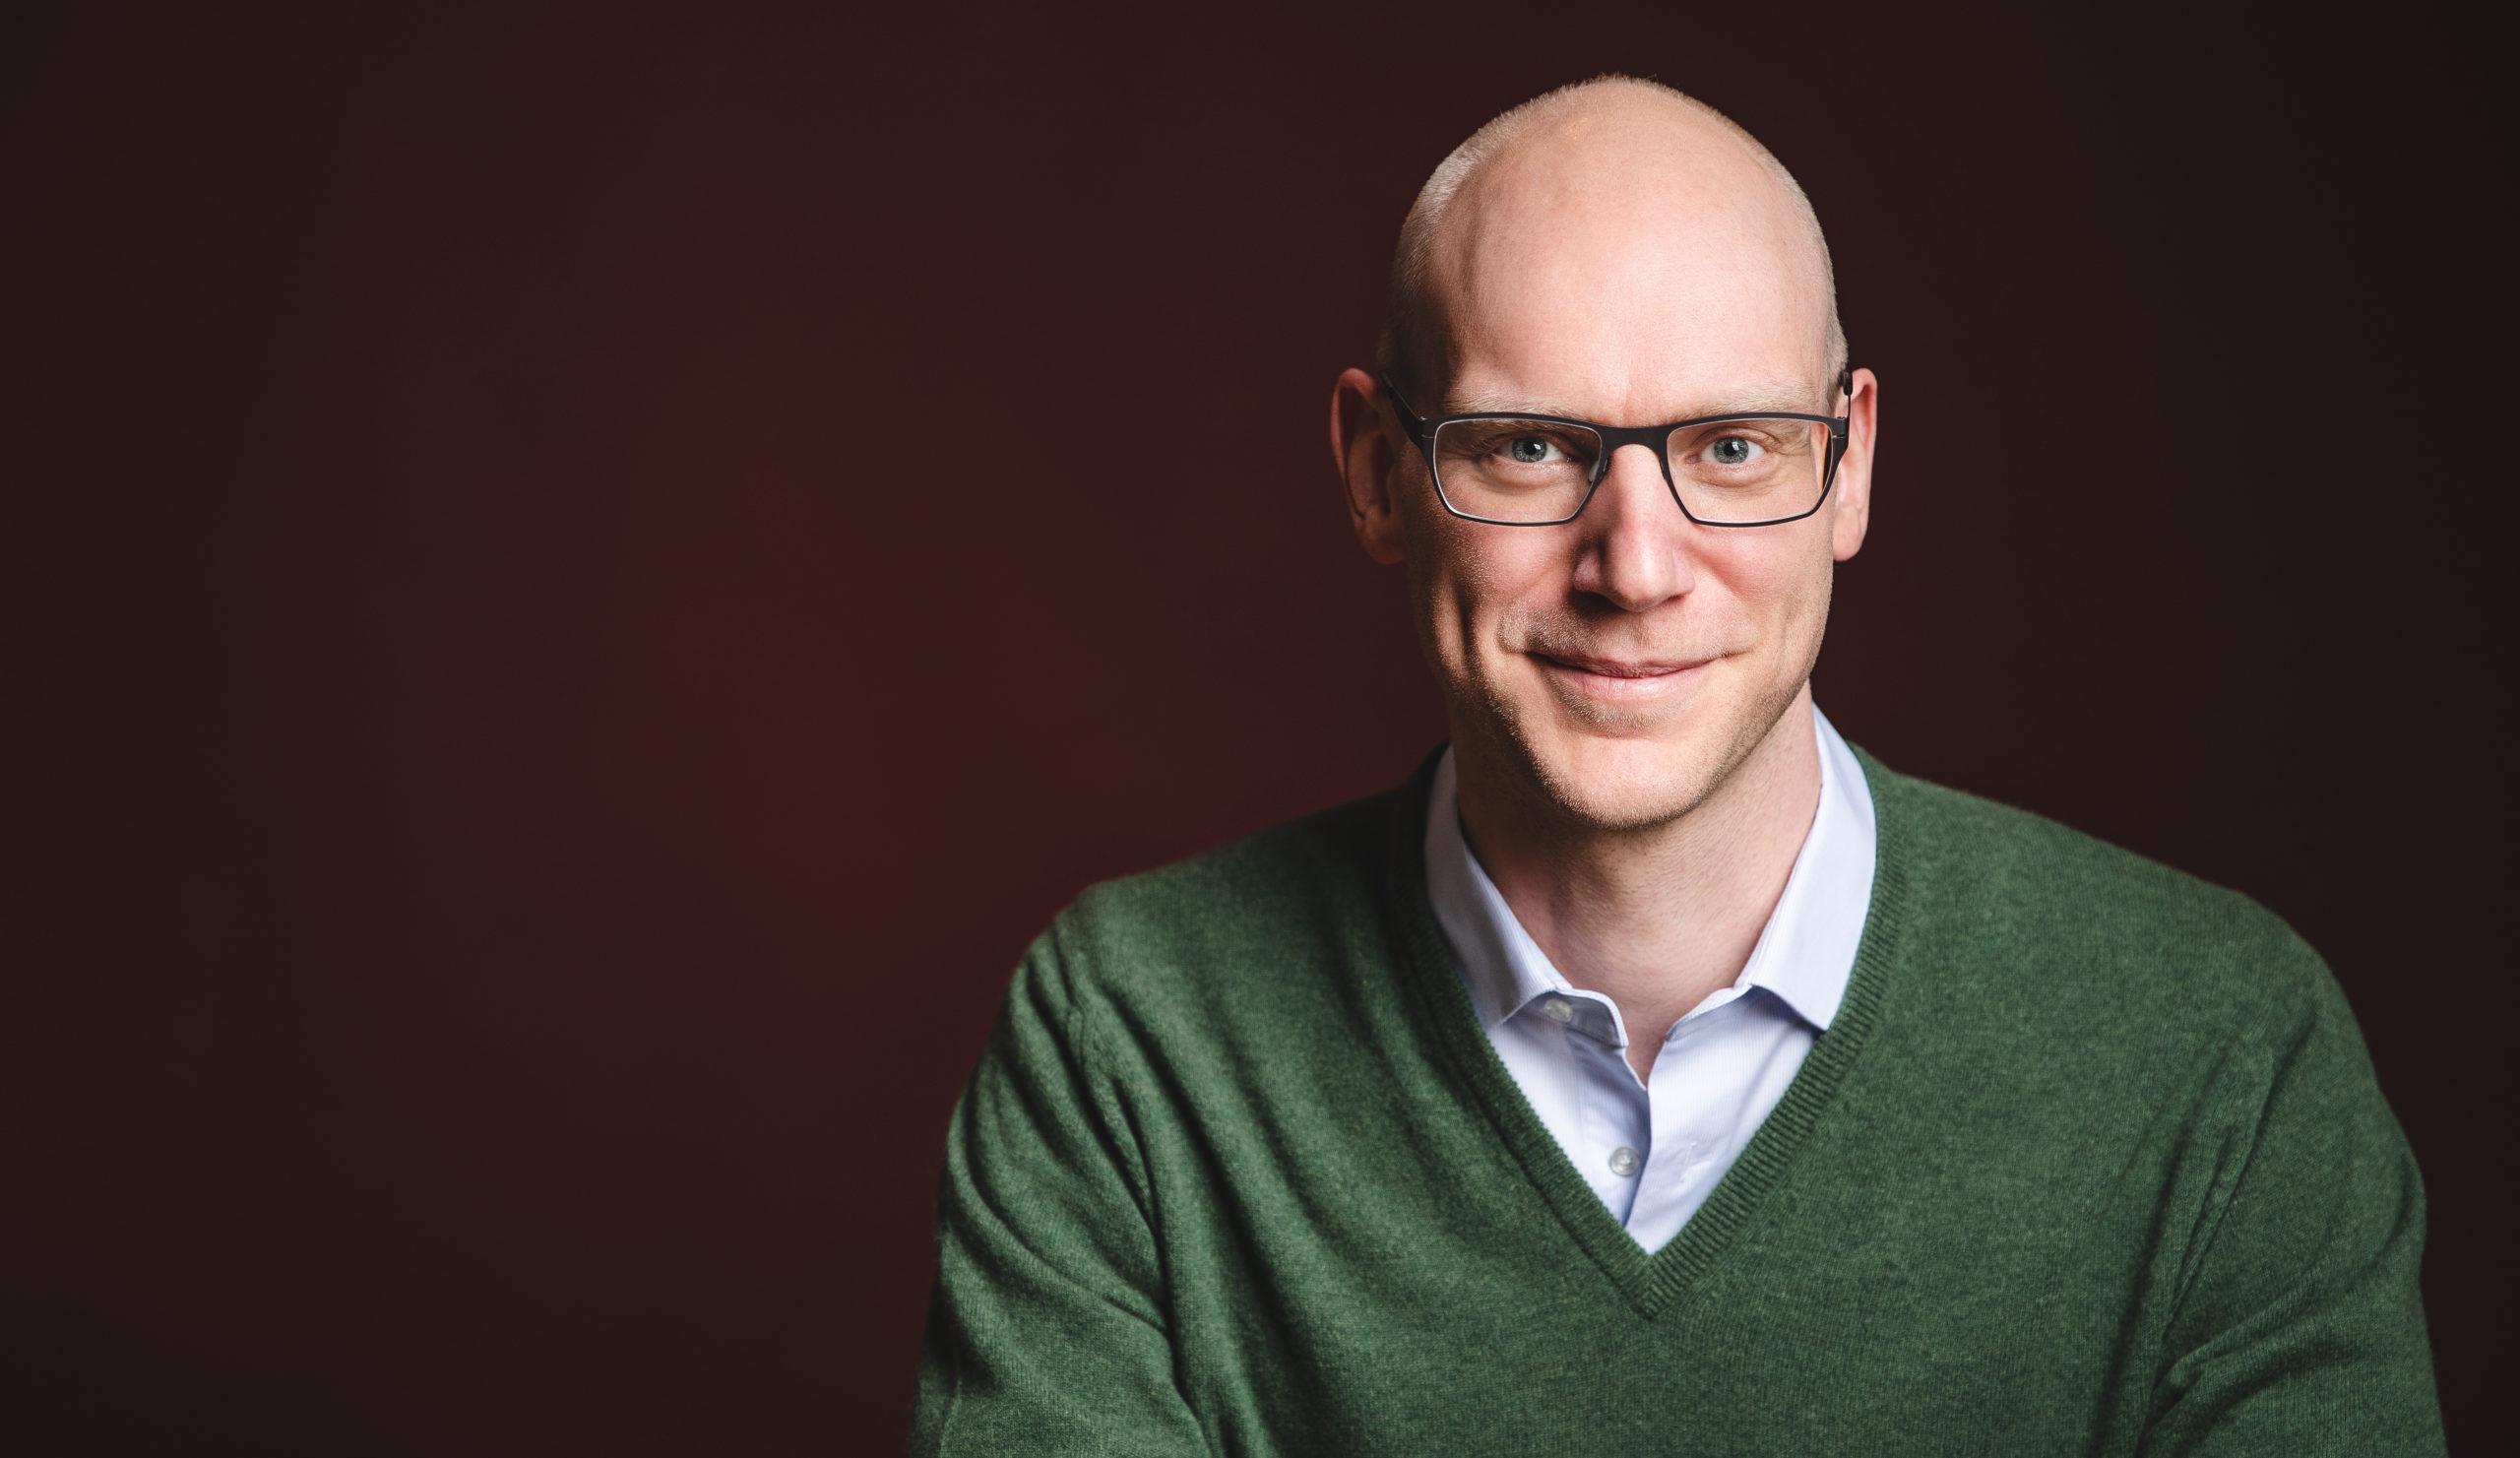 Rotonda manager lounge: Online-Event mit Entscheidungsforscher Prof. Dr. Philip Meissner: Krise heißt Entscheidung - Doch wie geht das?